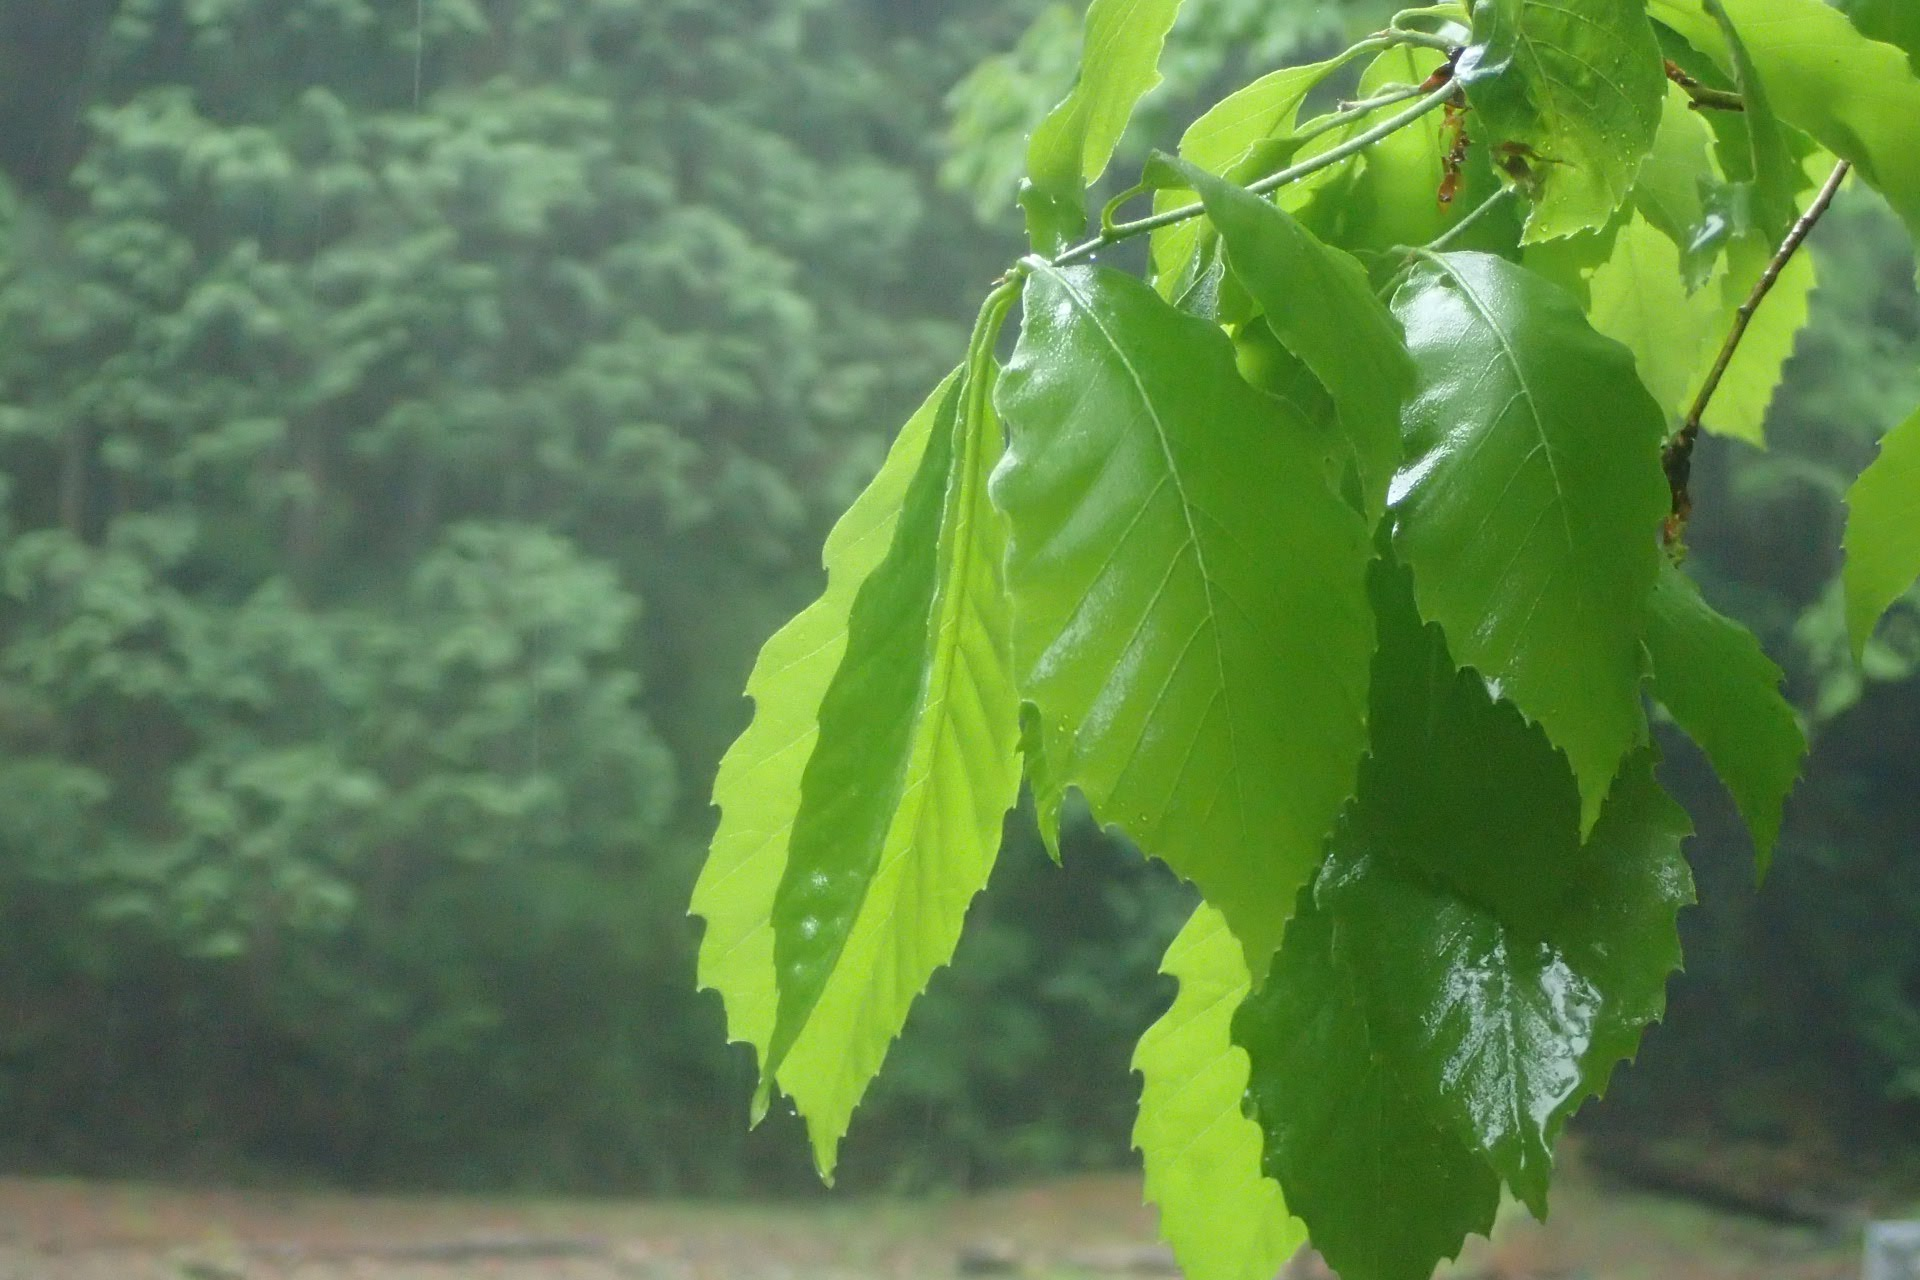 雨男だからこそ言わせてほしい、雨の日の源流と森